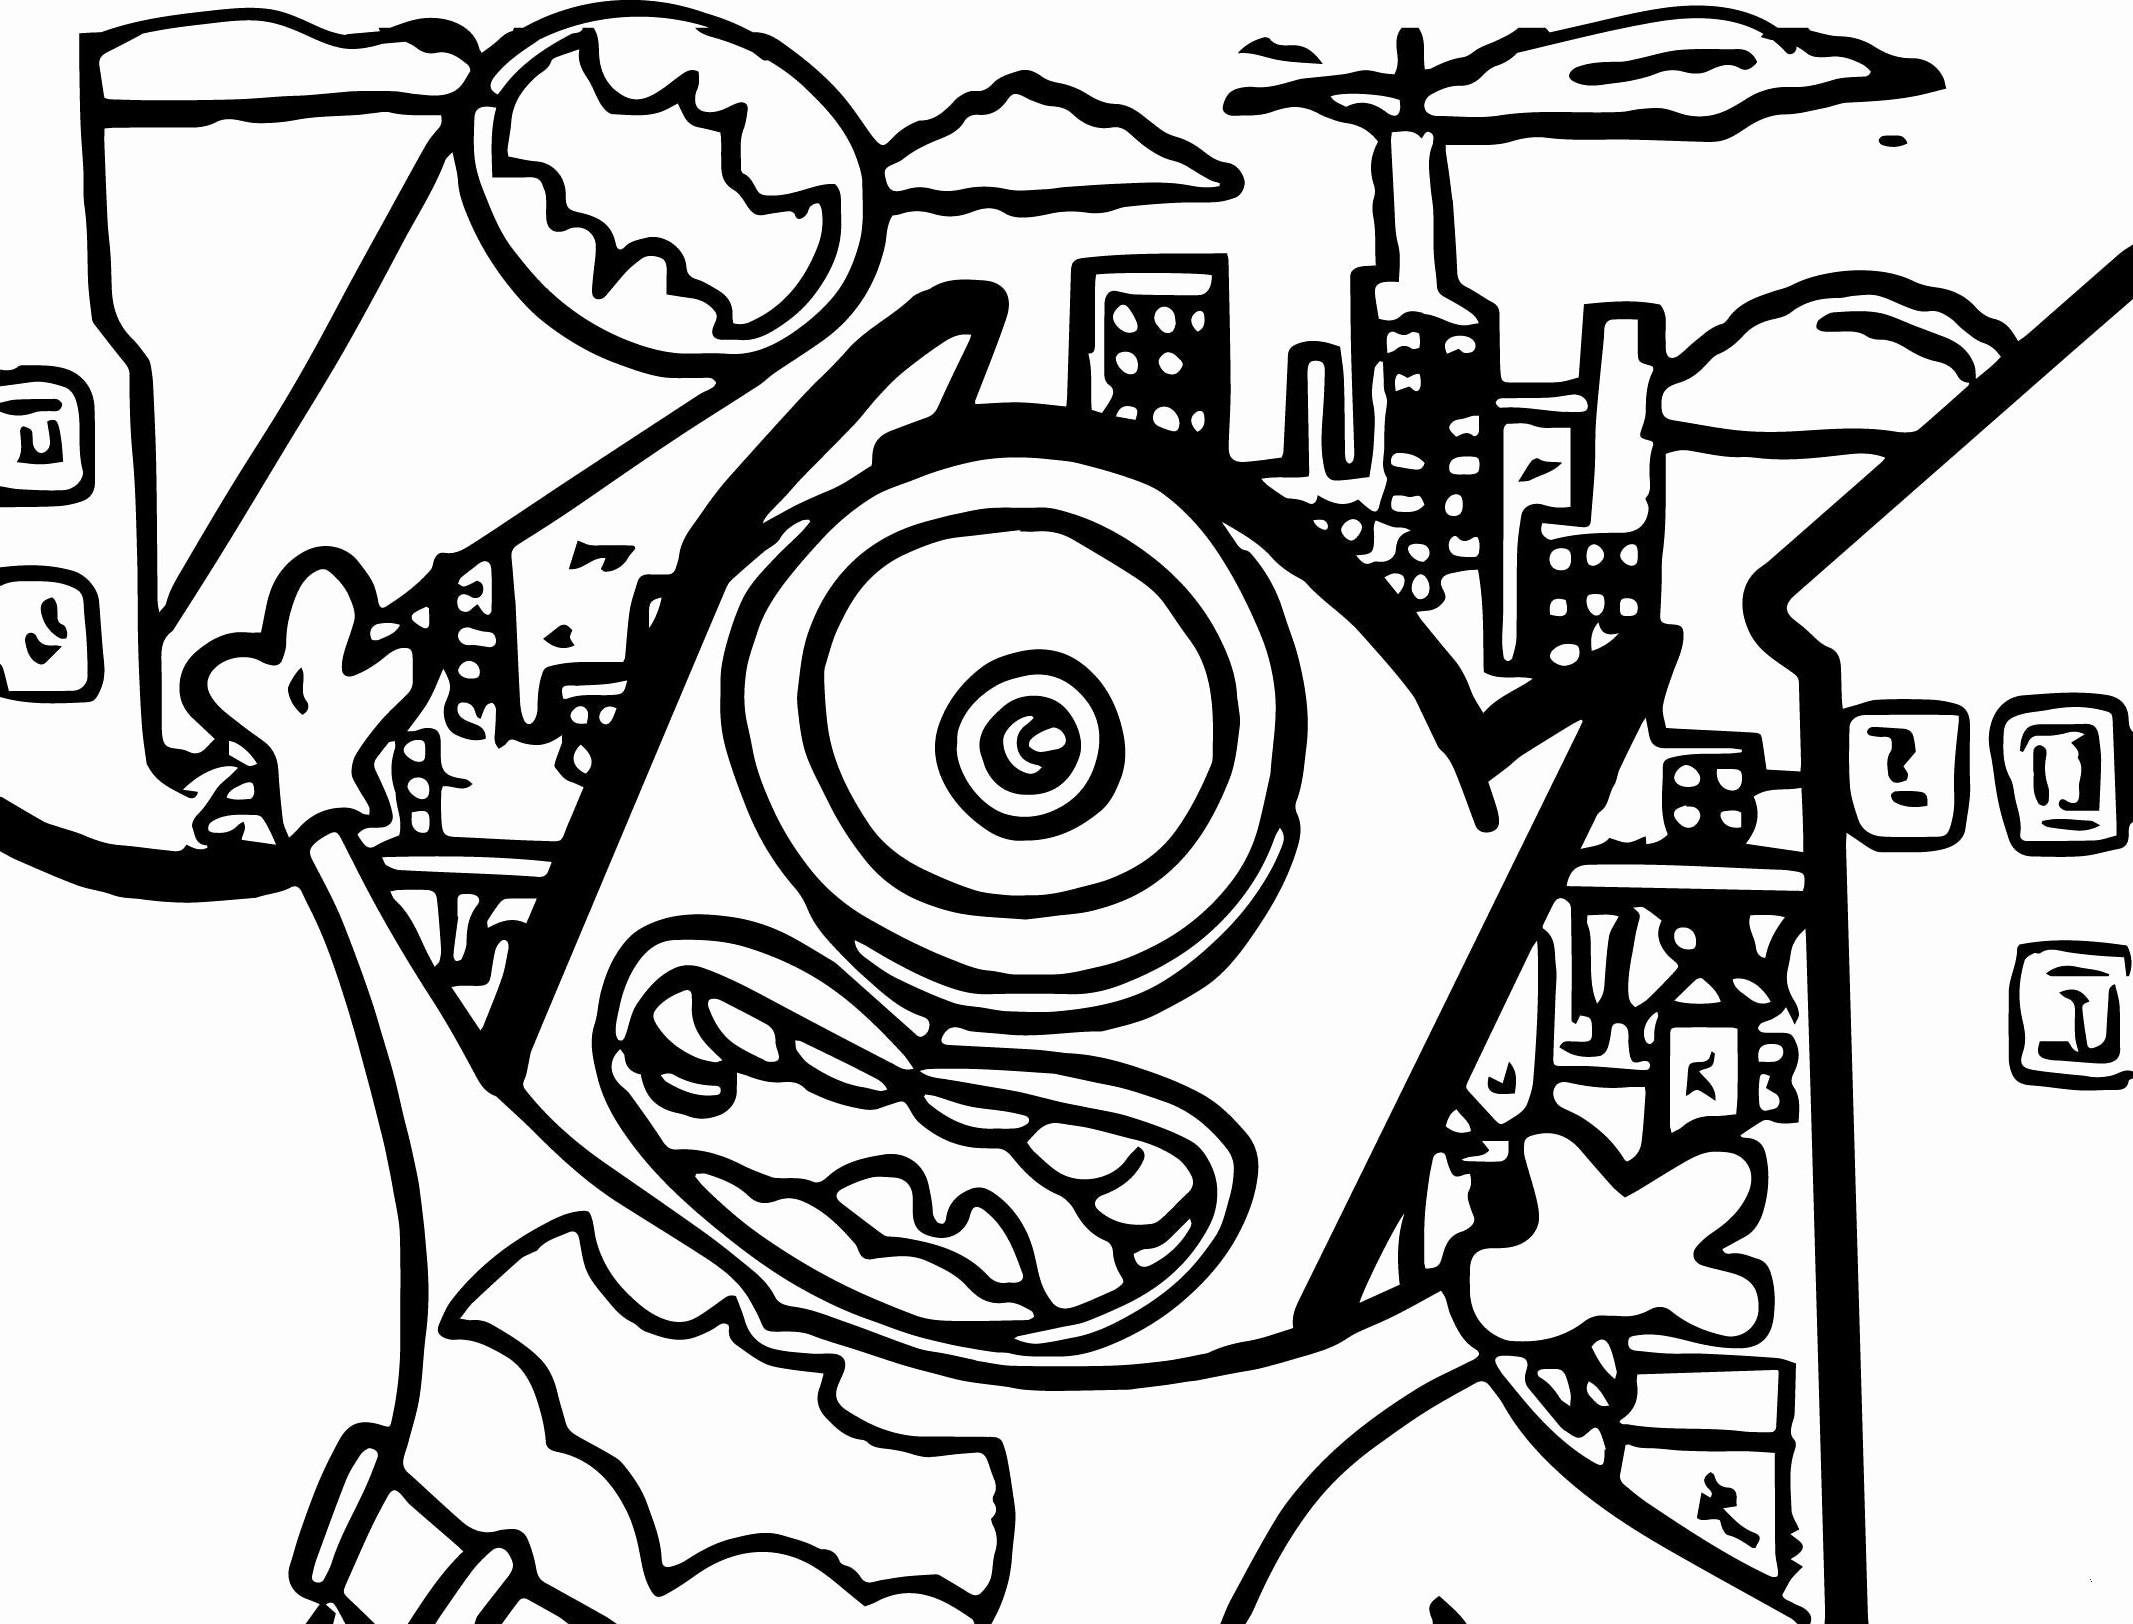 Minion Bilder Zum Ausmalen Genial 31 Fantastisch Malvorlagen Minions – Malvorlagen Ideen Stock